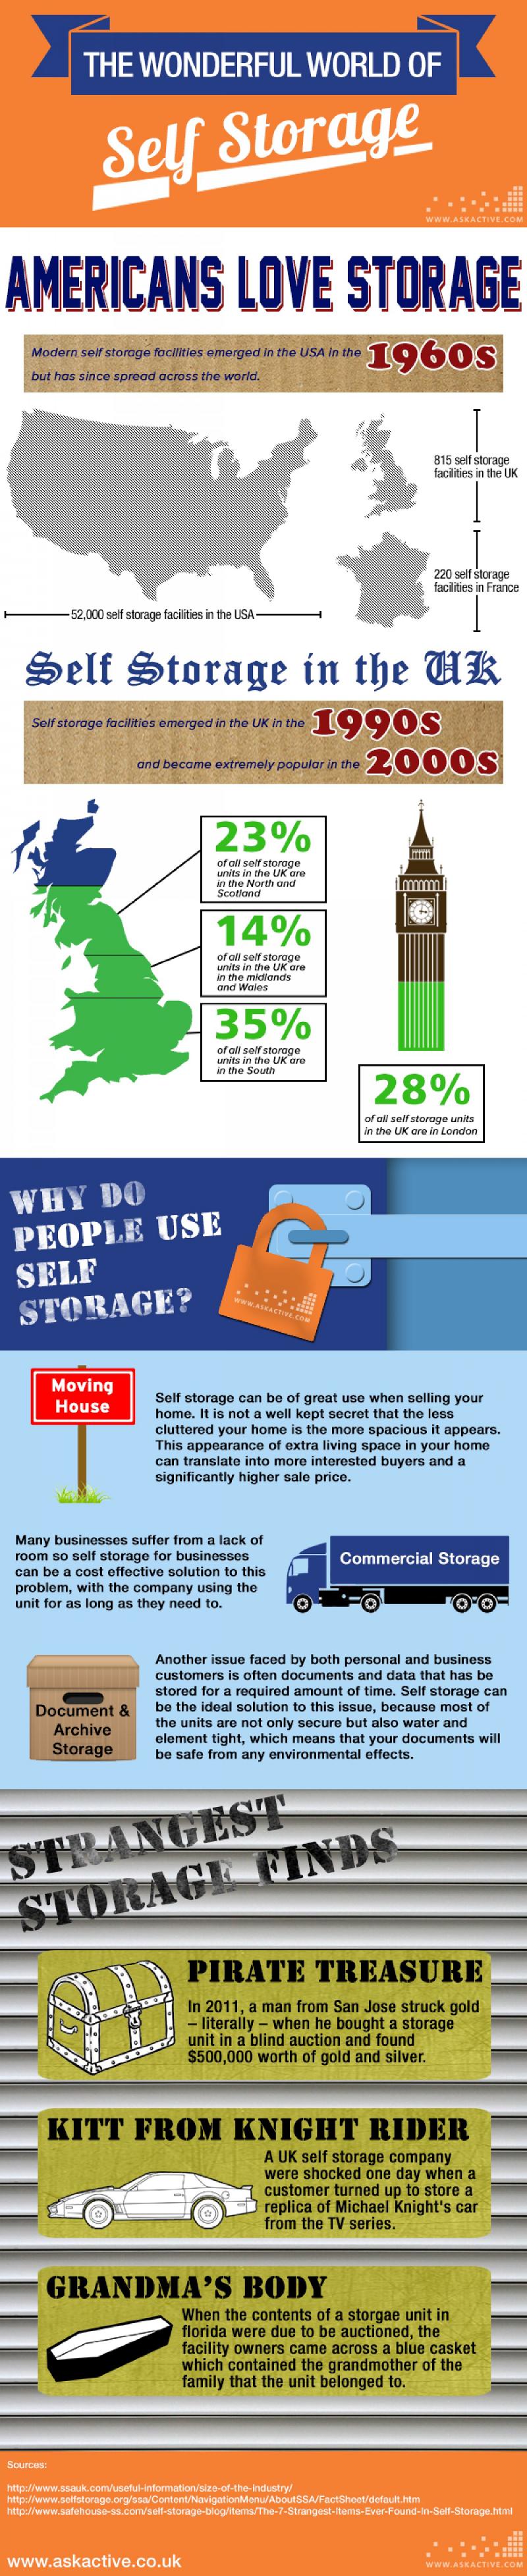 Self Storage Industry